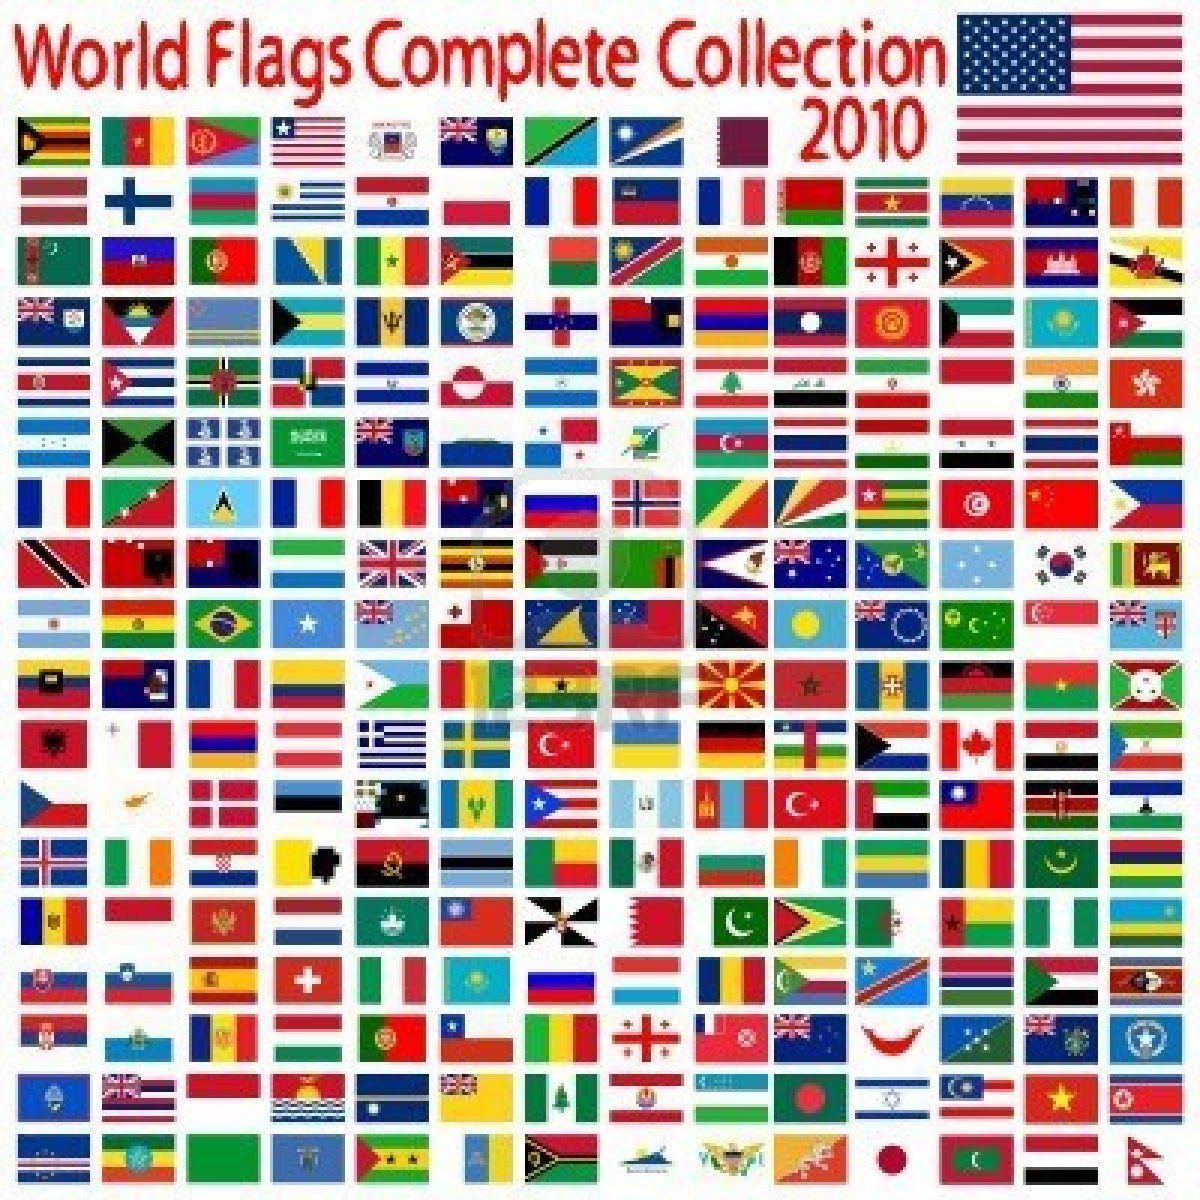 Wereld Vlaggen Collectie Abstracte Kunst Illustratie Abstracte Kunst Vlaggen Illustratie